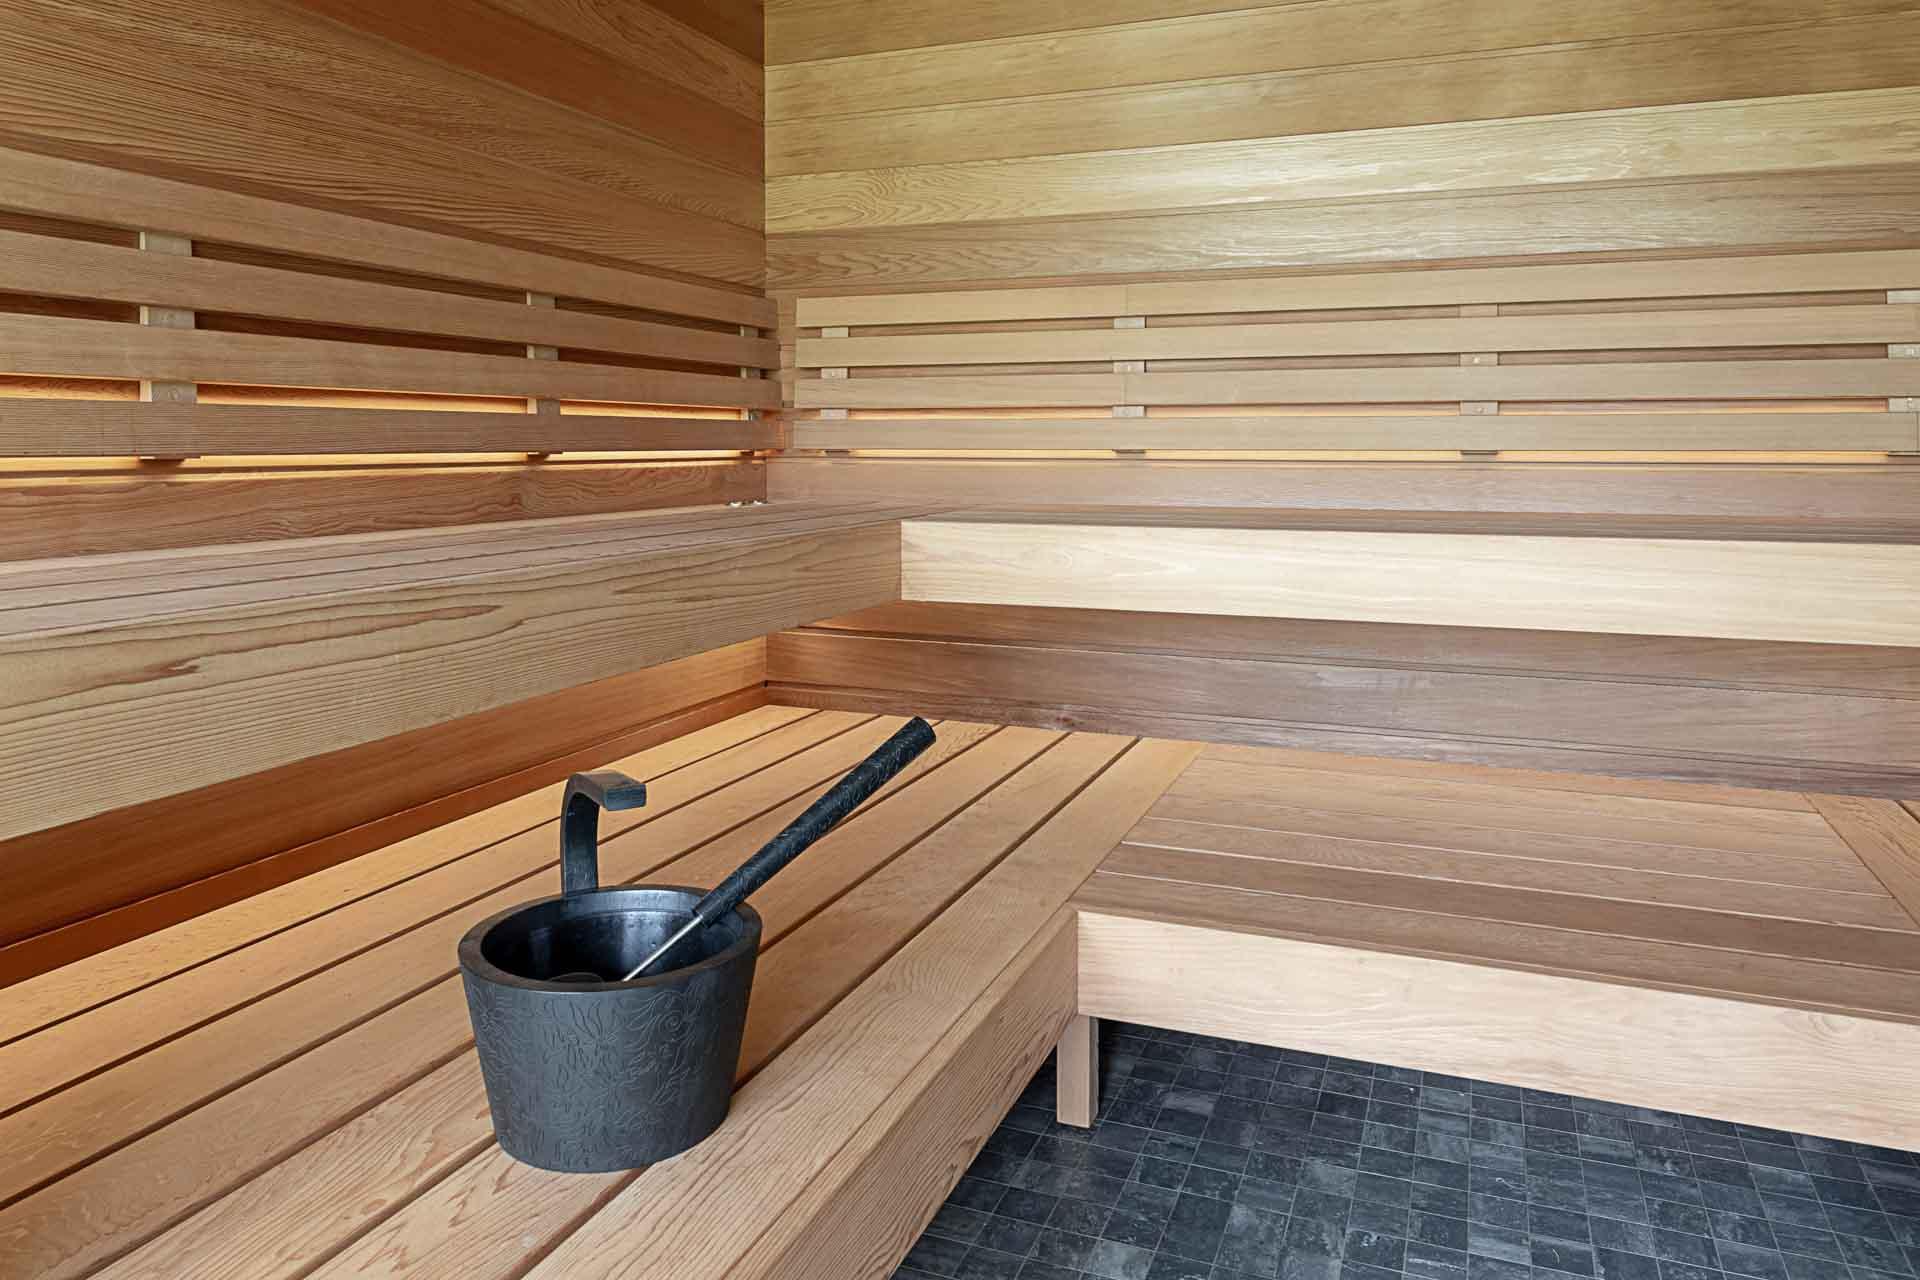 Sauna furniture